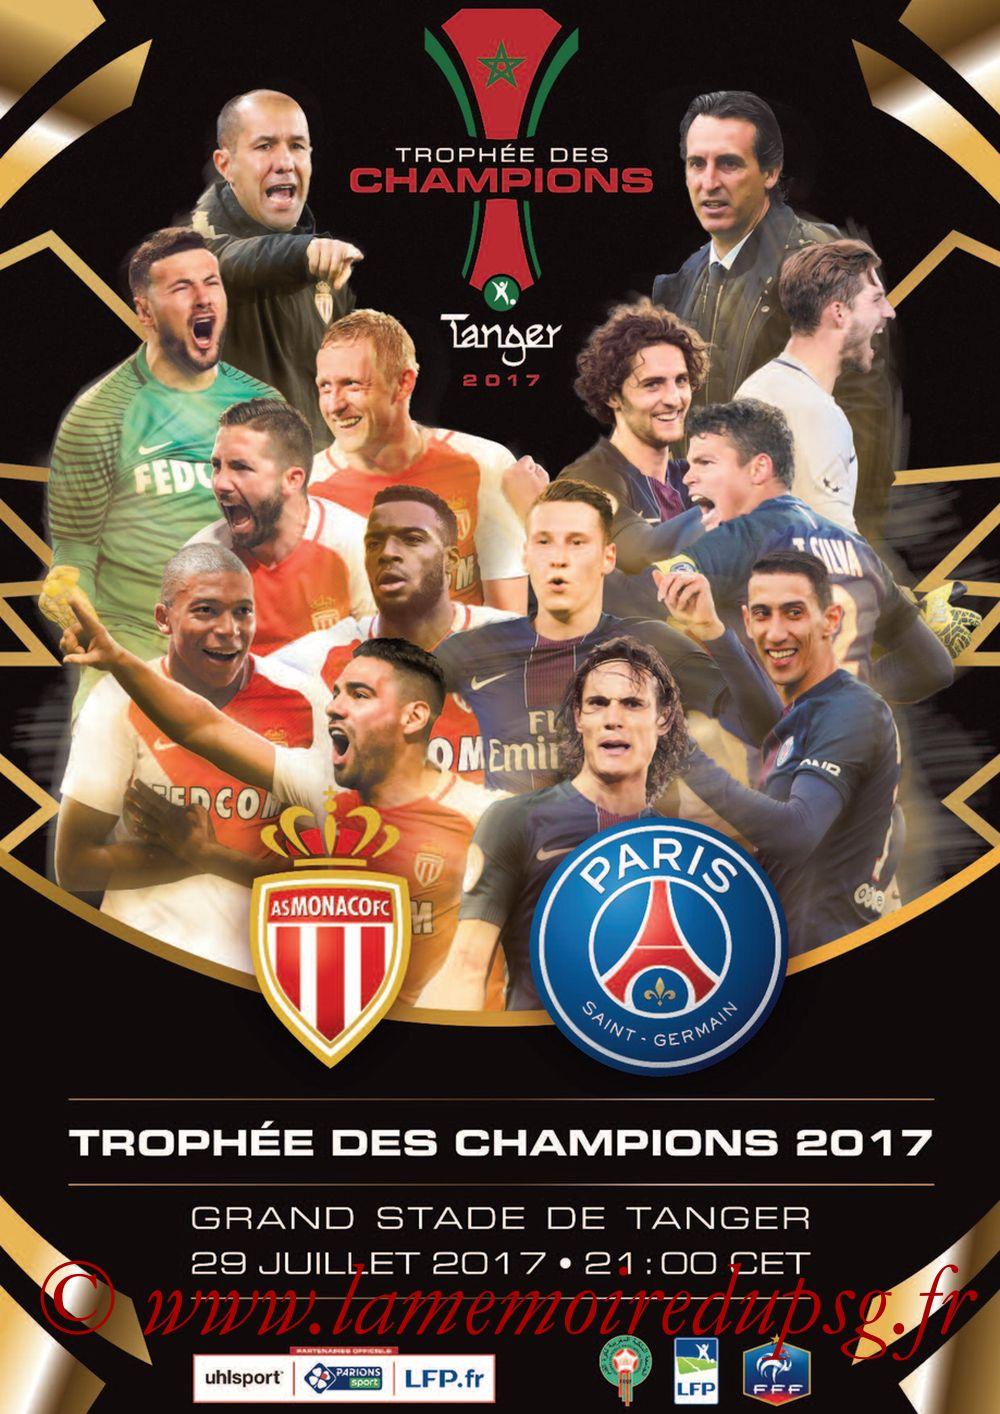 2017-07-29  Monaco-PSG (Trophée des Champions à Tanger, Dossier de Presse)